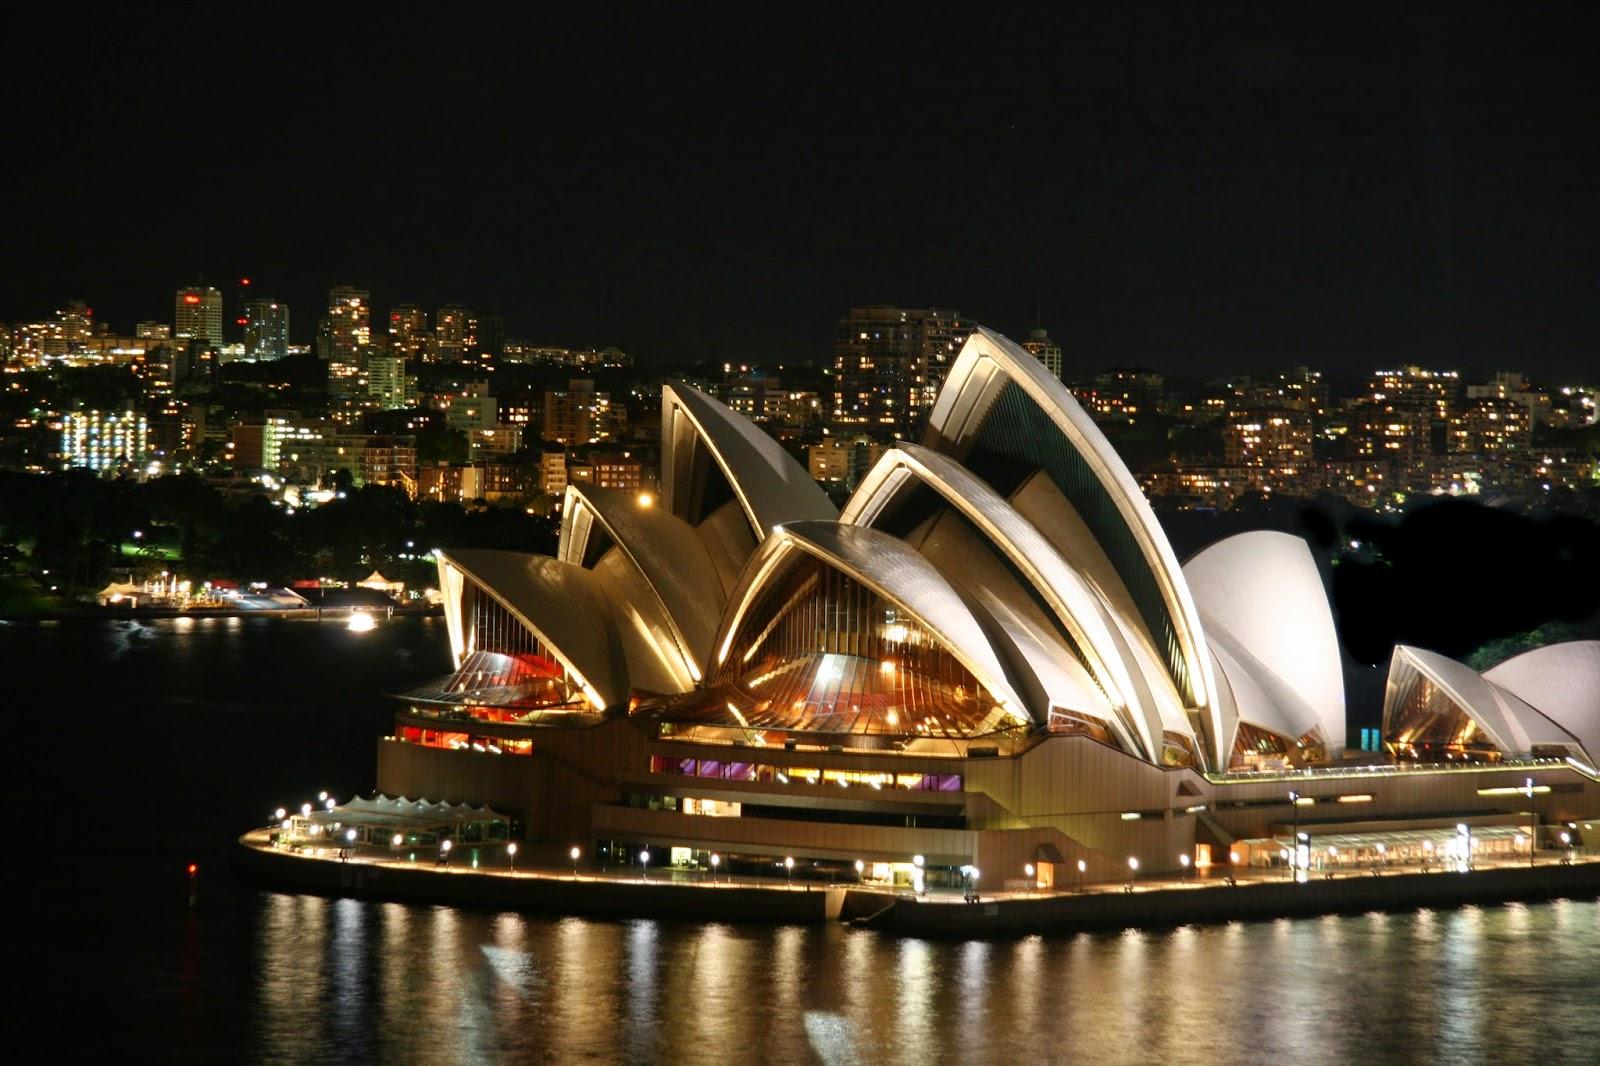 Dịch vụ gửi đàn loa đi Úc tại An Bình Express